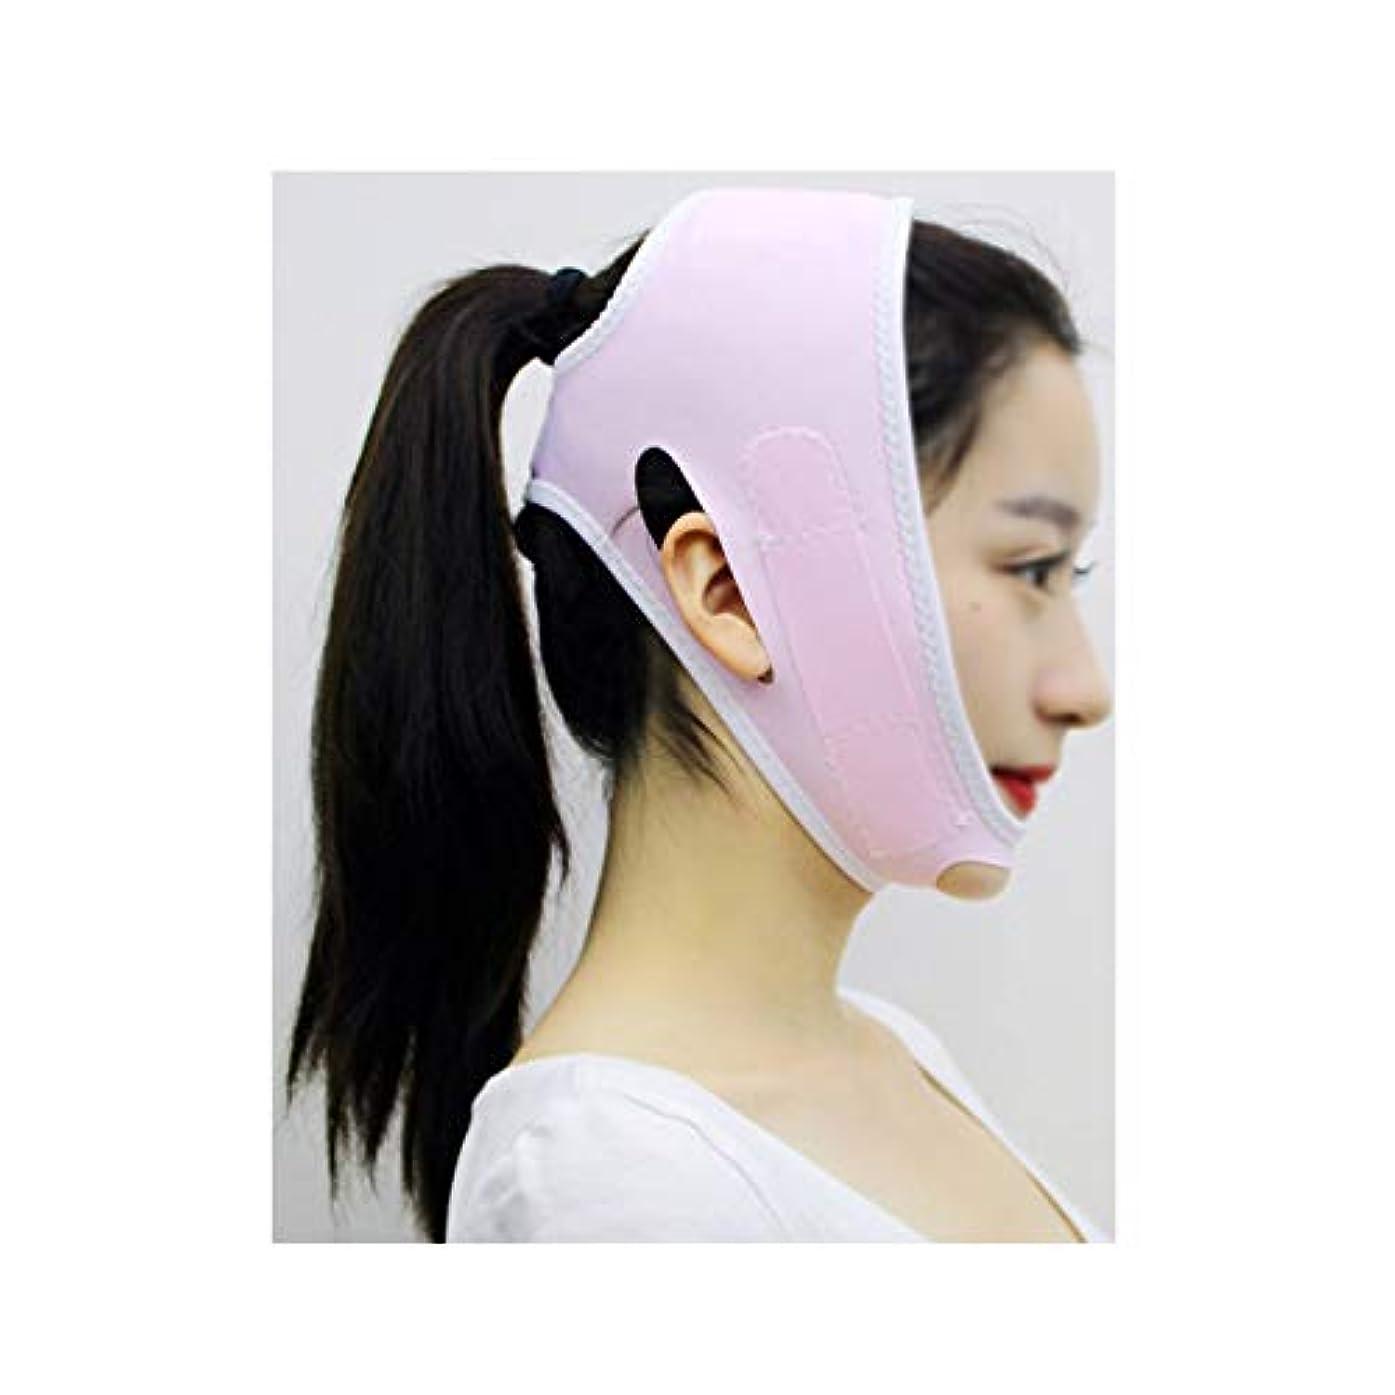 日帰り旅行にジャンプタブレットフェイスリフトマスク、あごストラップ回復ポスト包帯ヘッドギアフェイスマスクフェイスリフト小さなv顔アーティファクト整形美容ゴムバンドフェイスとネックリフト (Color : Pink)